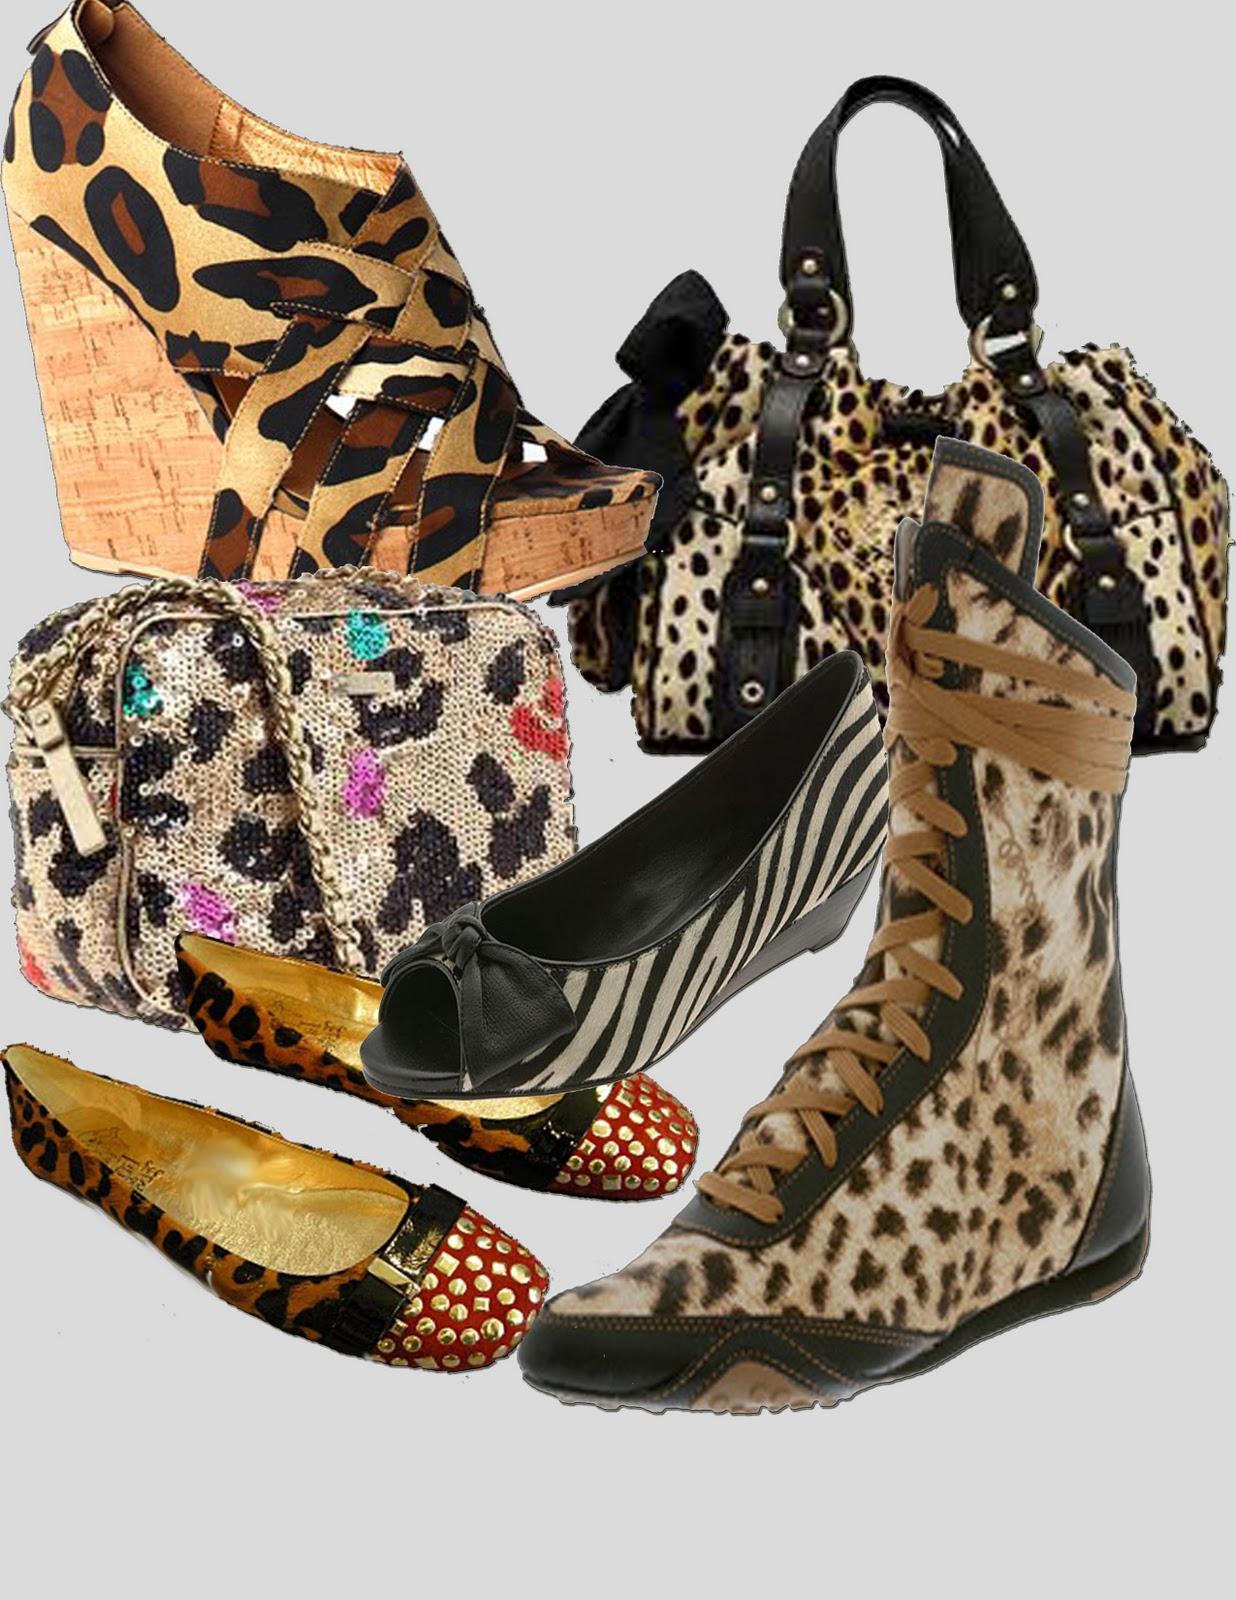 http://2.bp.blogspot.com/-zYLvPw73t_c/TnWyfRCm0oI/AAAAAAAAABs/gQsL2KNChZ4/s1600/animal.jpg